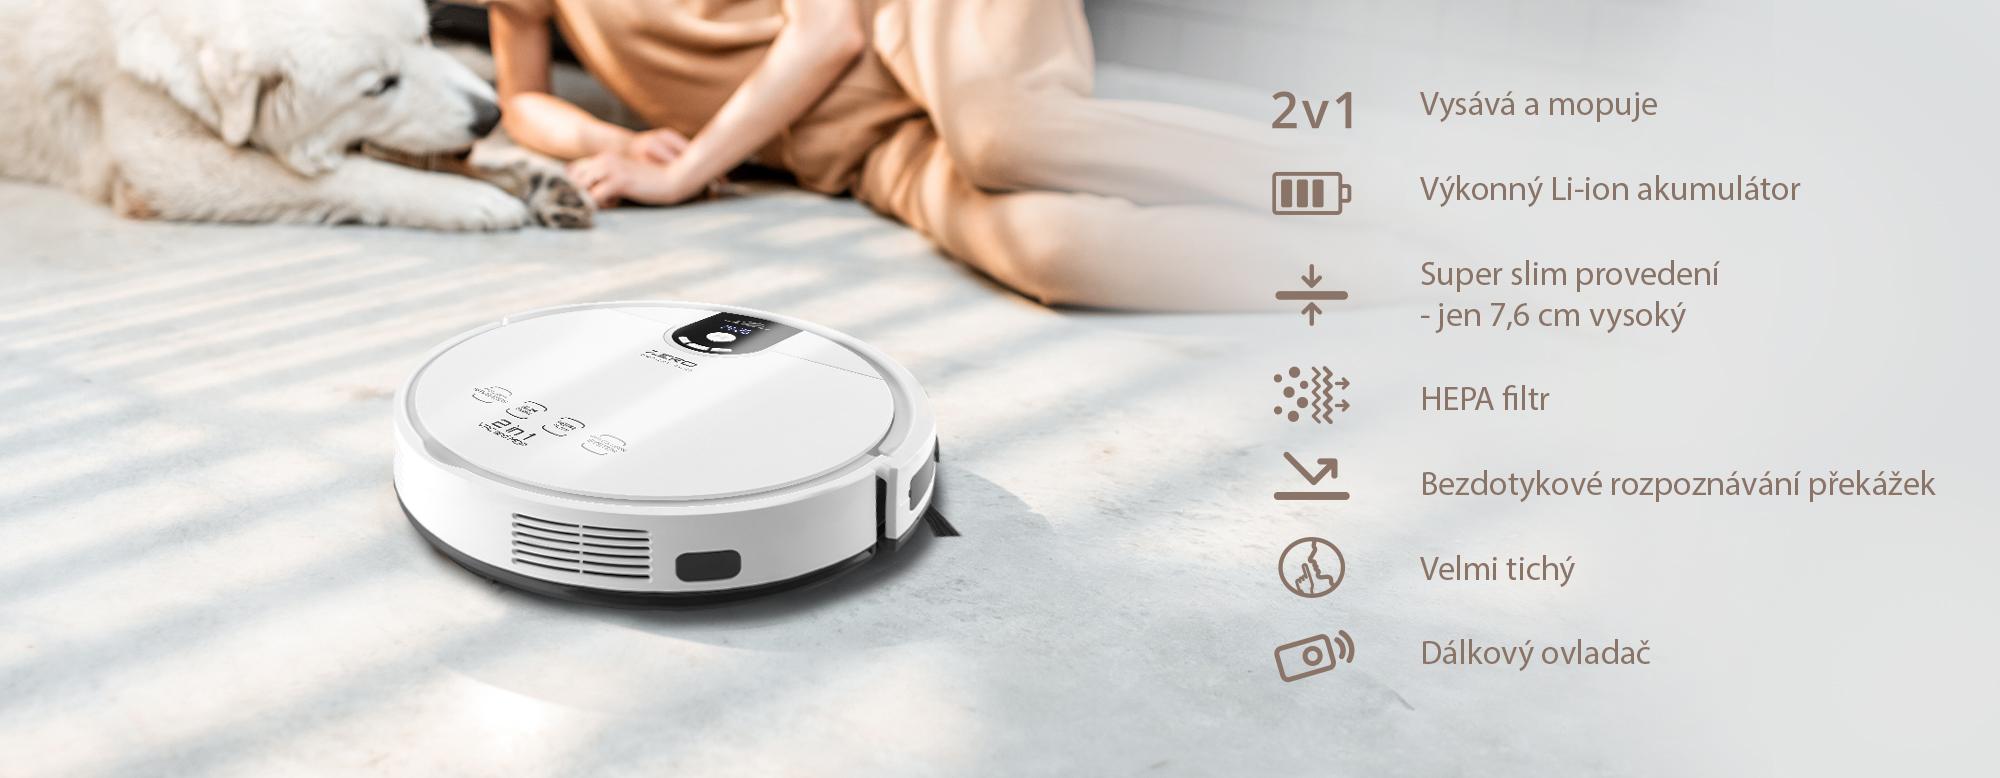 Praktický robotický 2v1 vysavač ETA Zero se postará o kompletní úklid vaší domácnosti či kanceláře